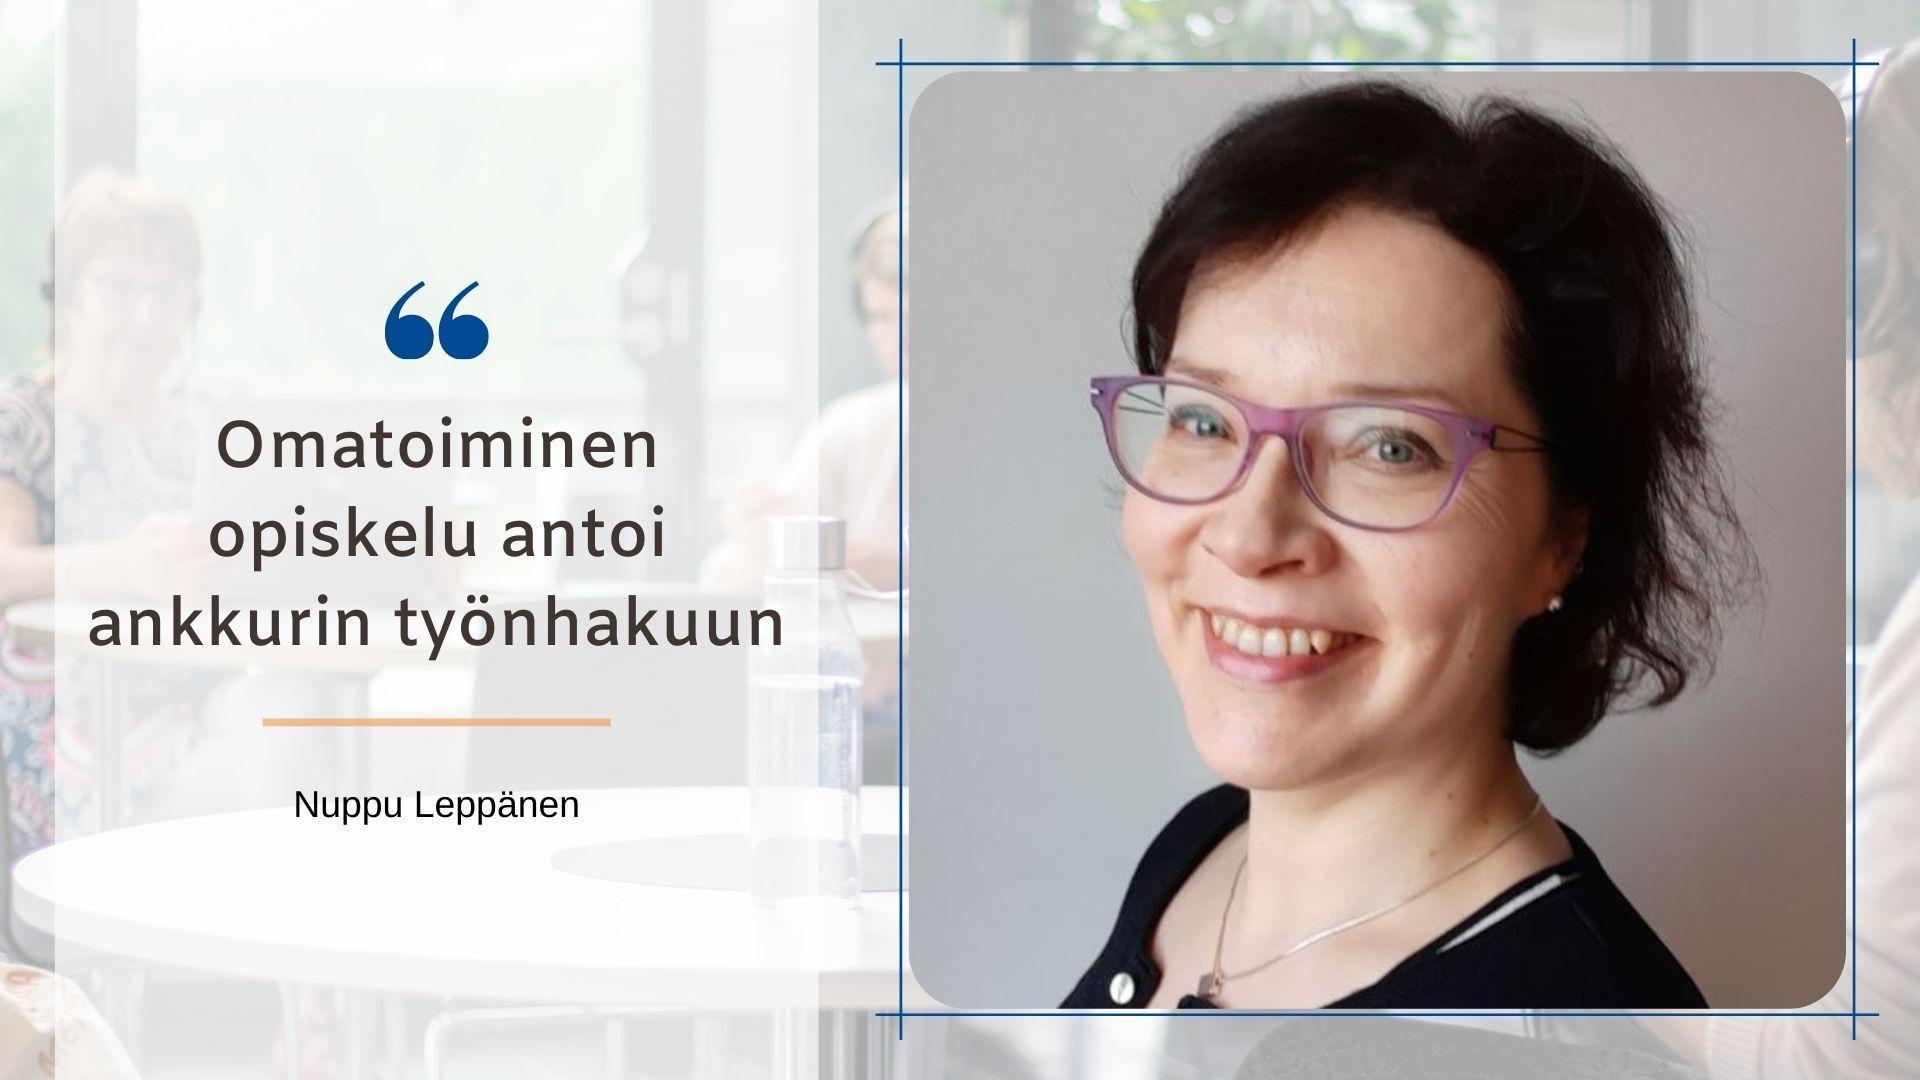 Nuppu Leppänen kirjoitti SYOblogissa, miksi hän lähti HR-asiantuntijan koulutukseen